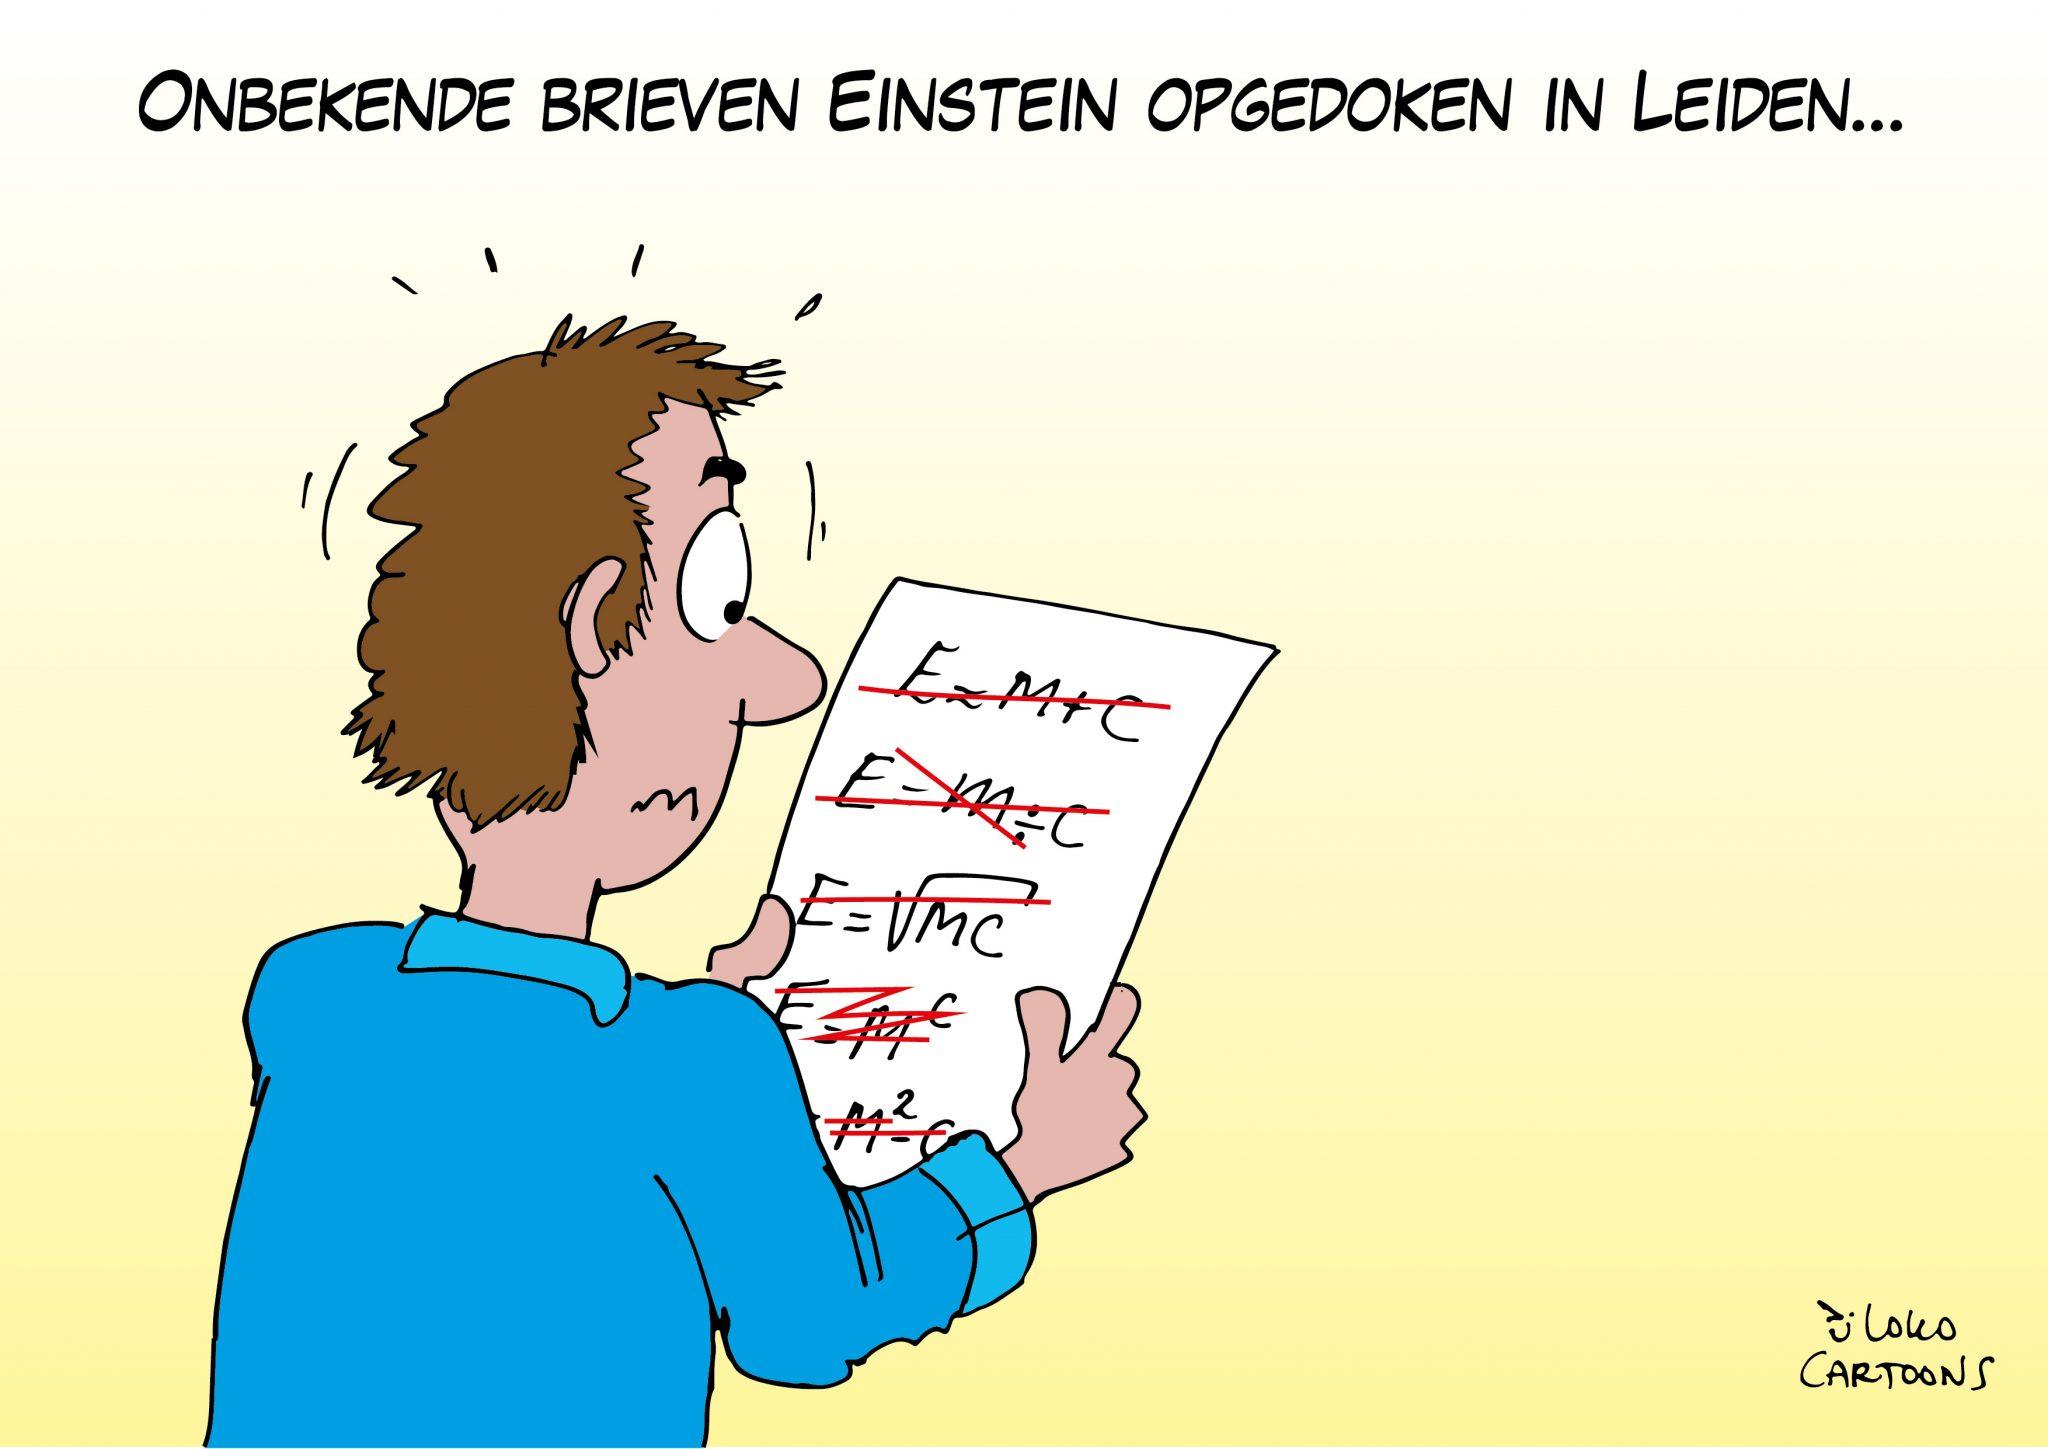 Onbekende brieven Einstein opgedoken in Leiden